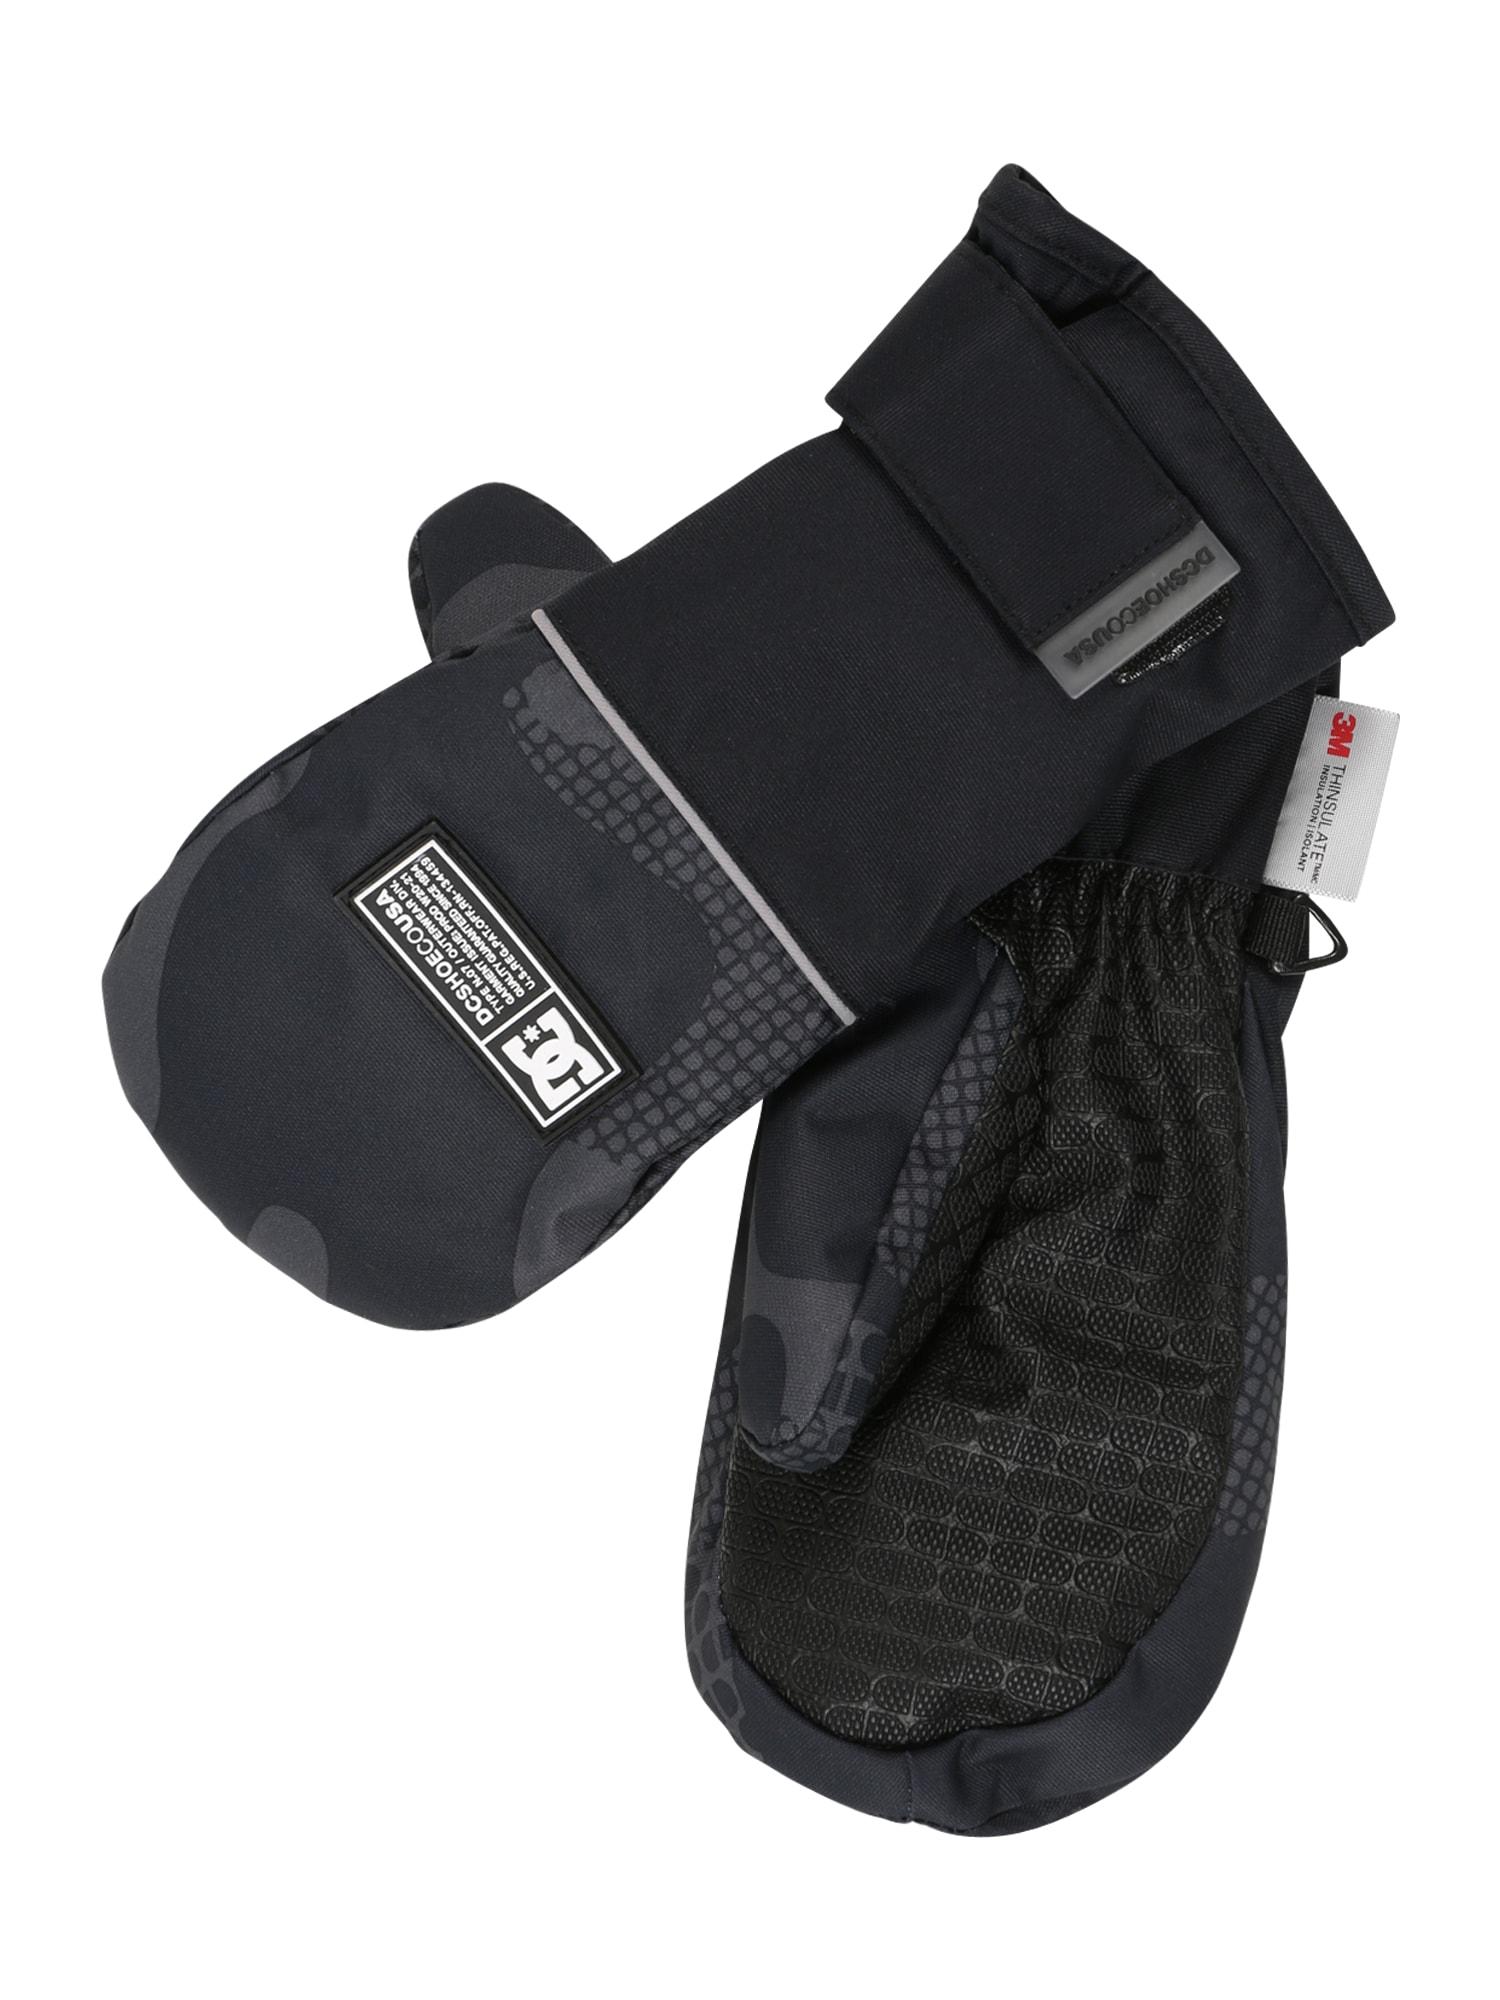 DC Shoes Sportinės pirštinės juoda / tamsiai pilka / antracito spalva